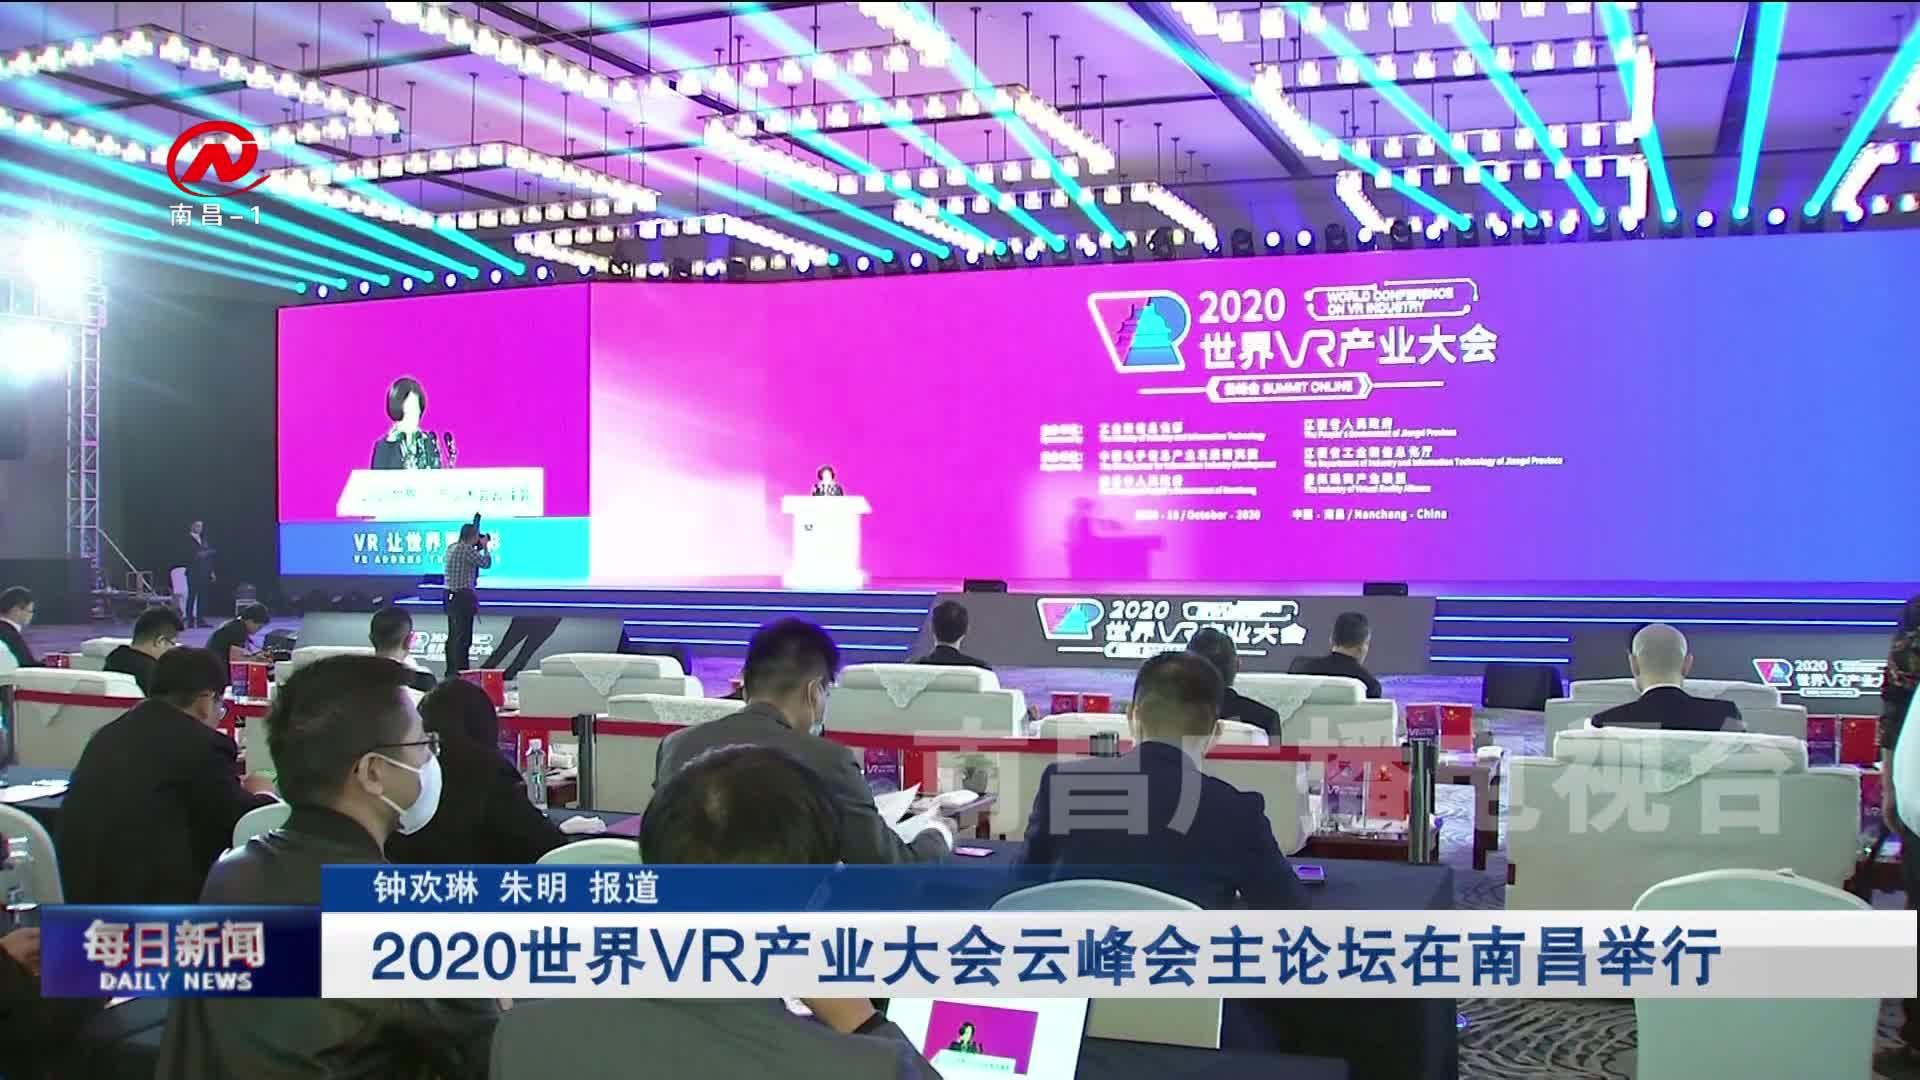 2020世界VR产业大会云峰会主论坛在南昌举行